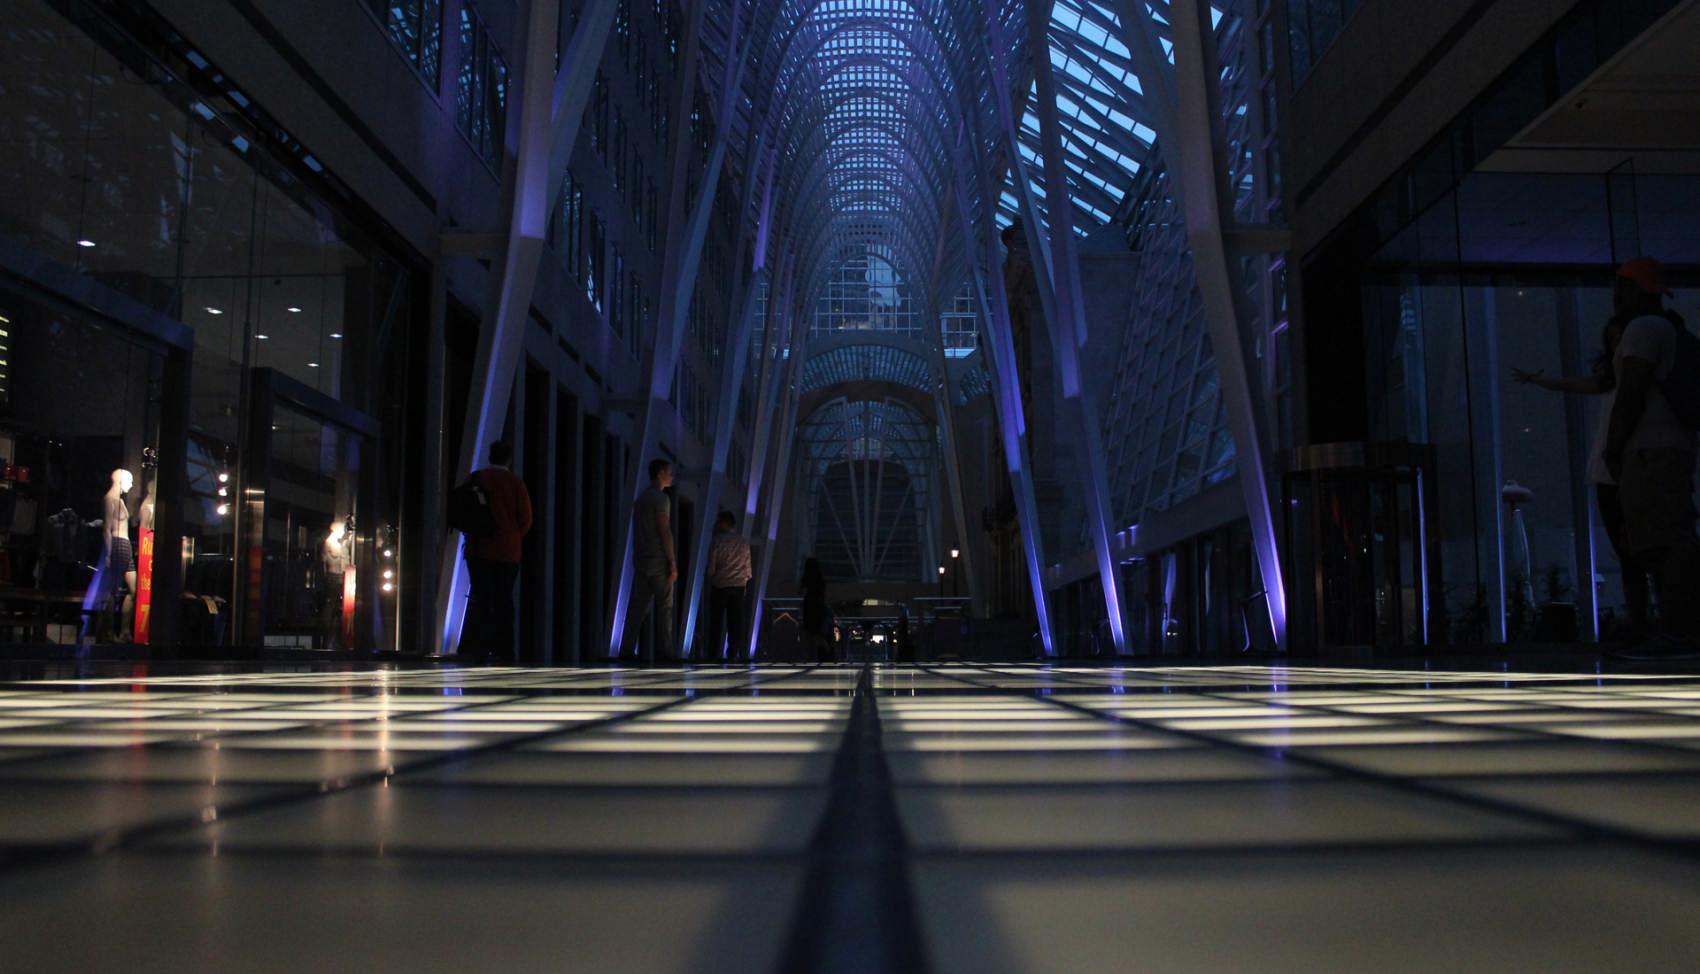 beeindruckende Kulisse einer riesigen Mall